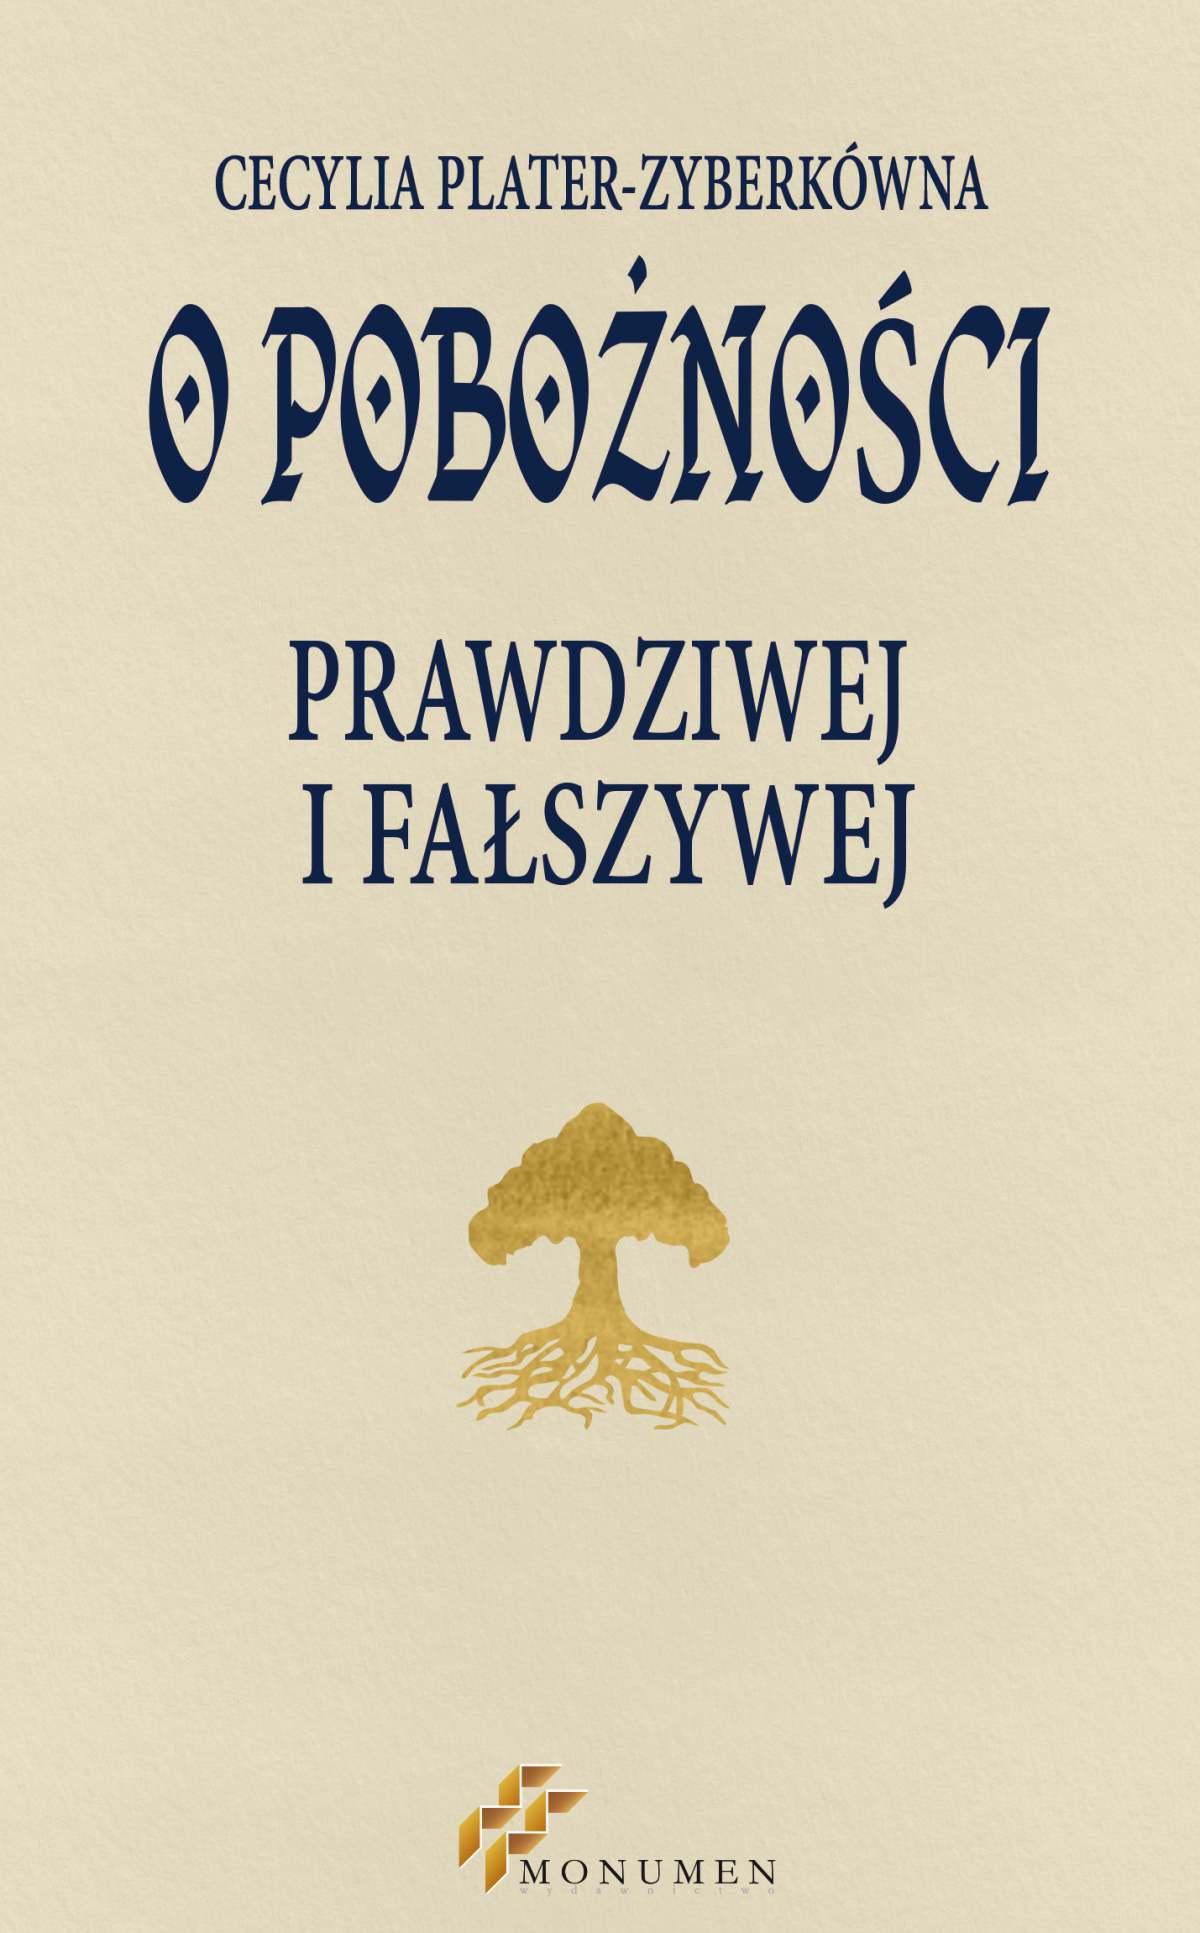 O pobożności prawdziwej i fałszywej - Ebook (Książka EPUB) do pobrania w formacie EPUB